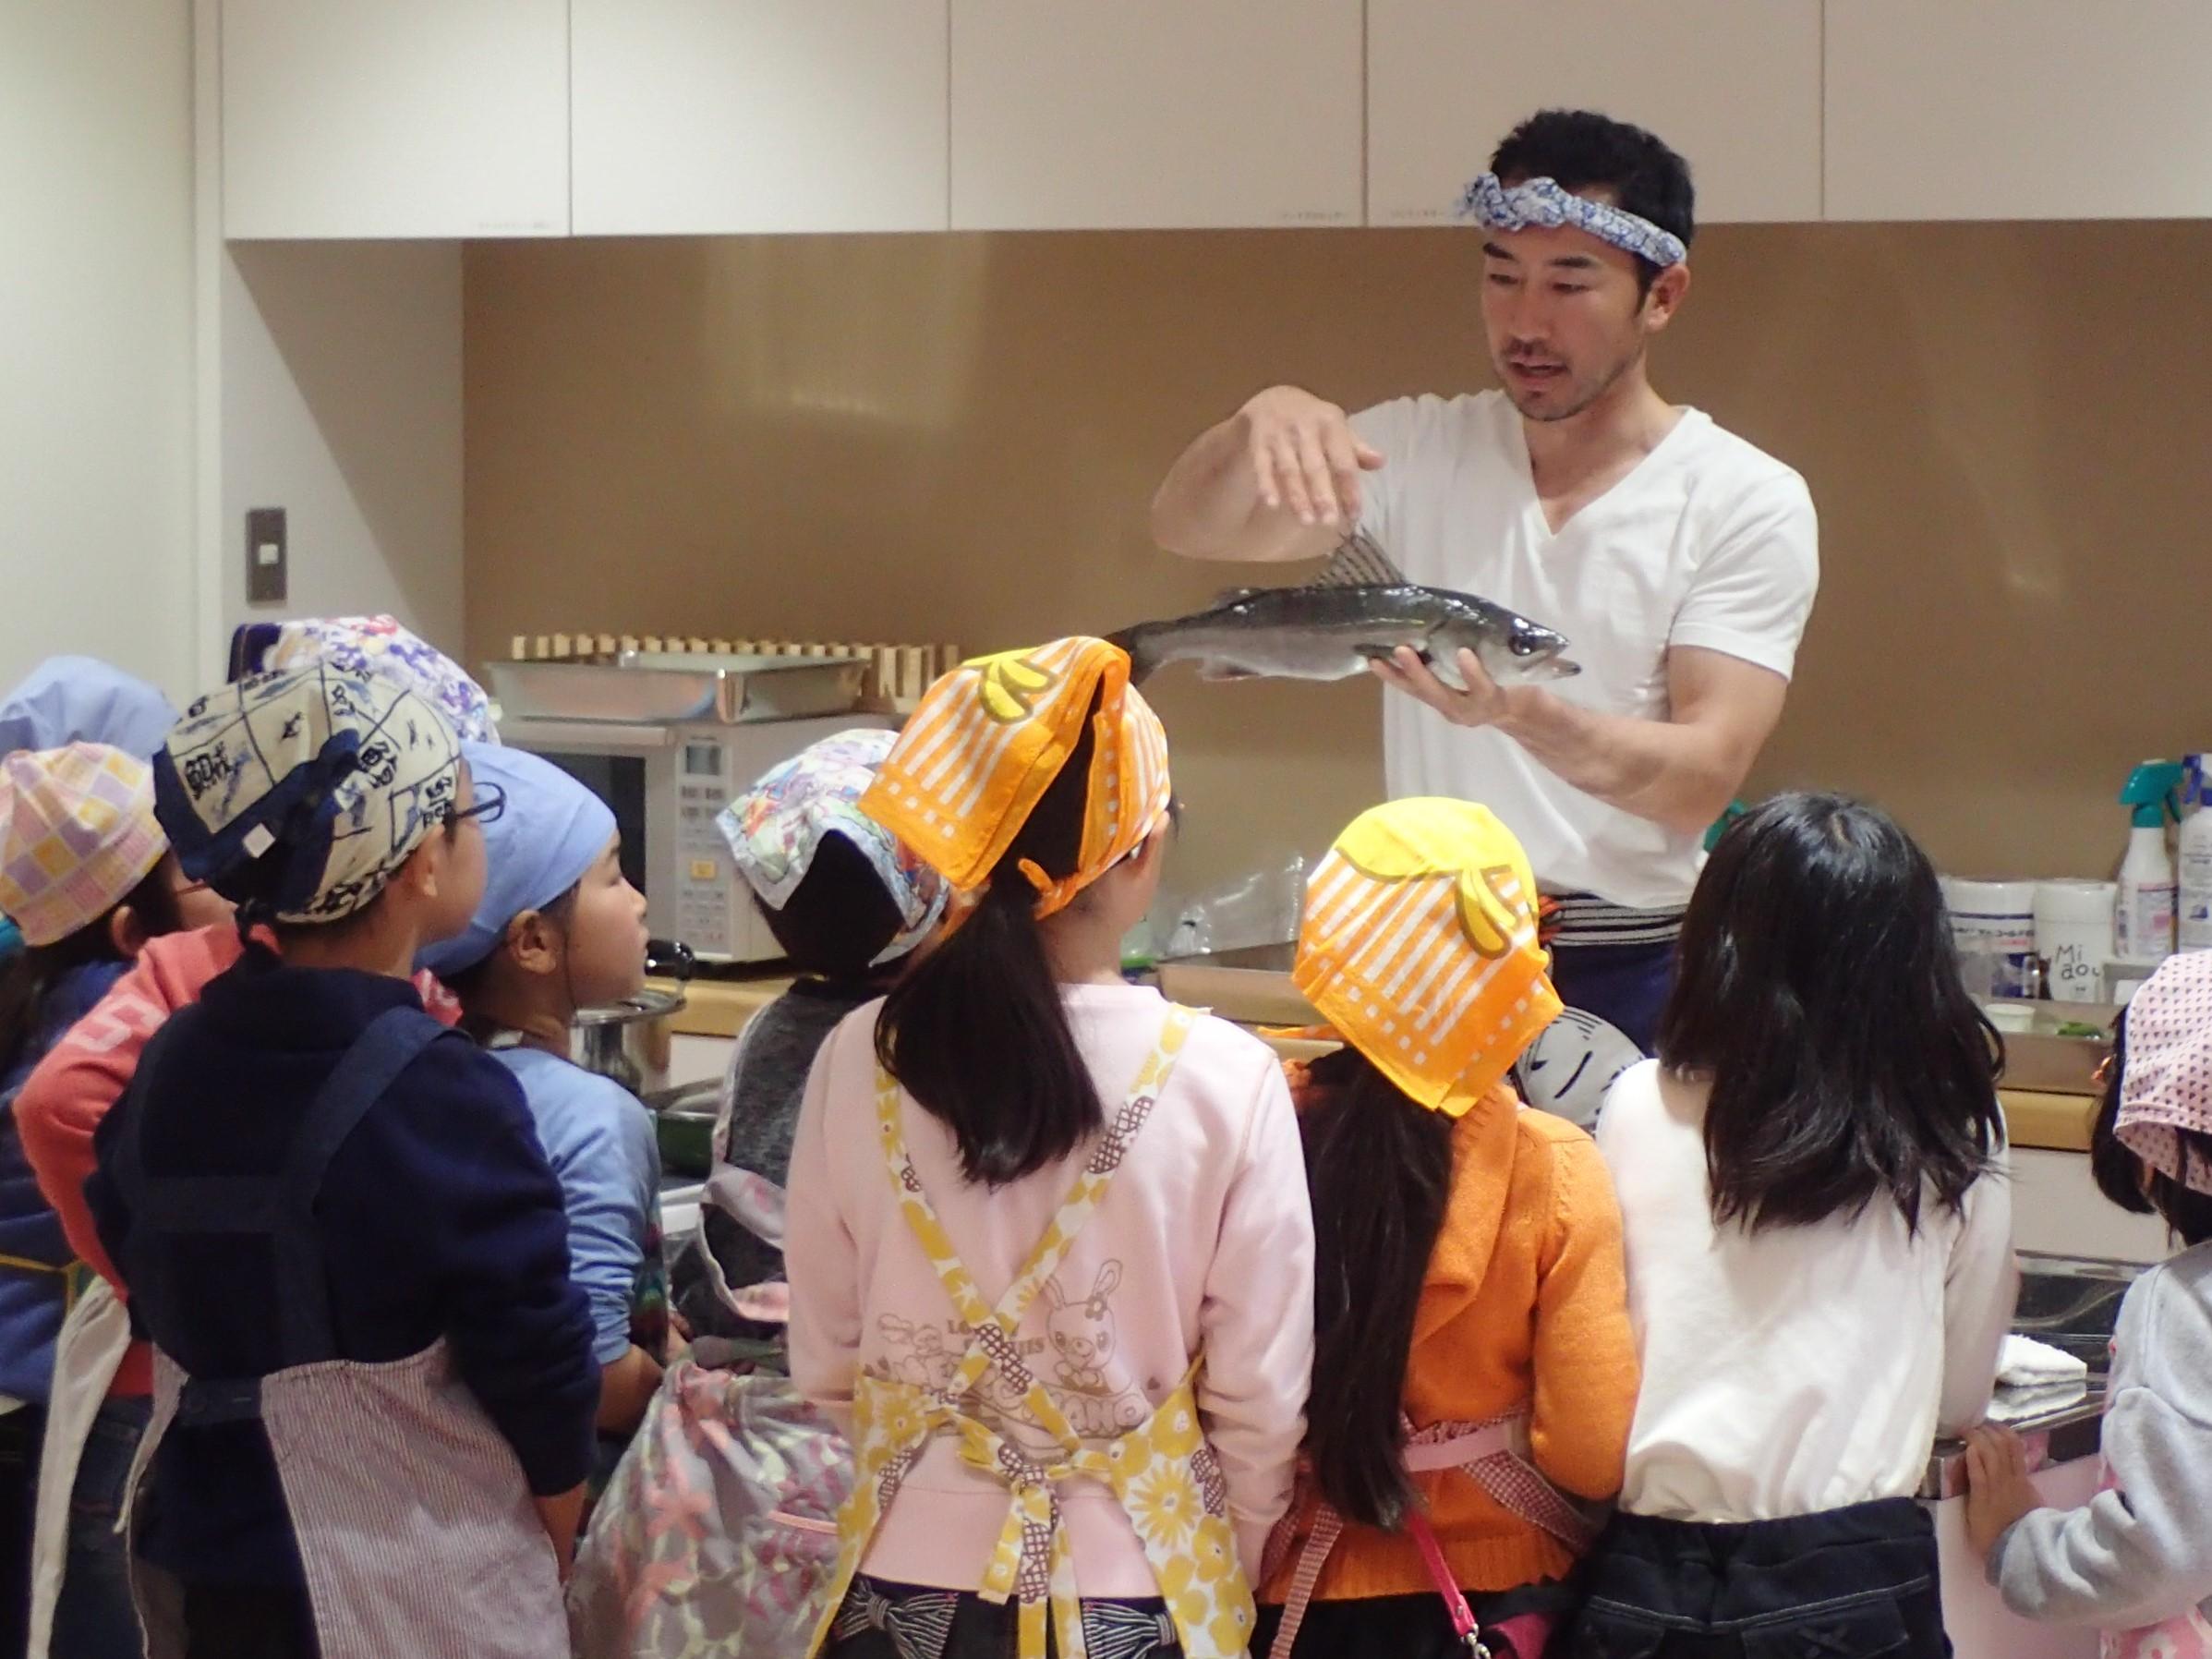 海の恵みを味わおう「東京湾の魚を食べよう」